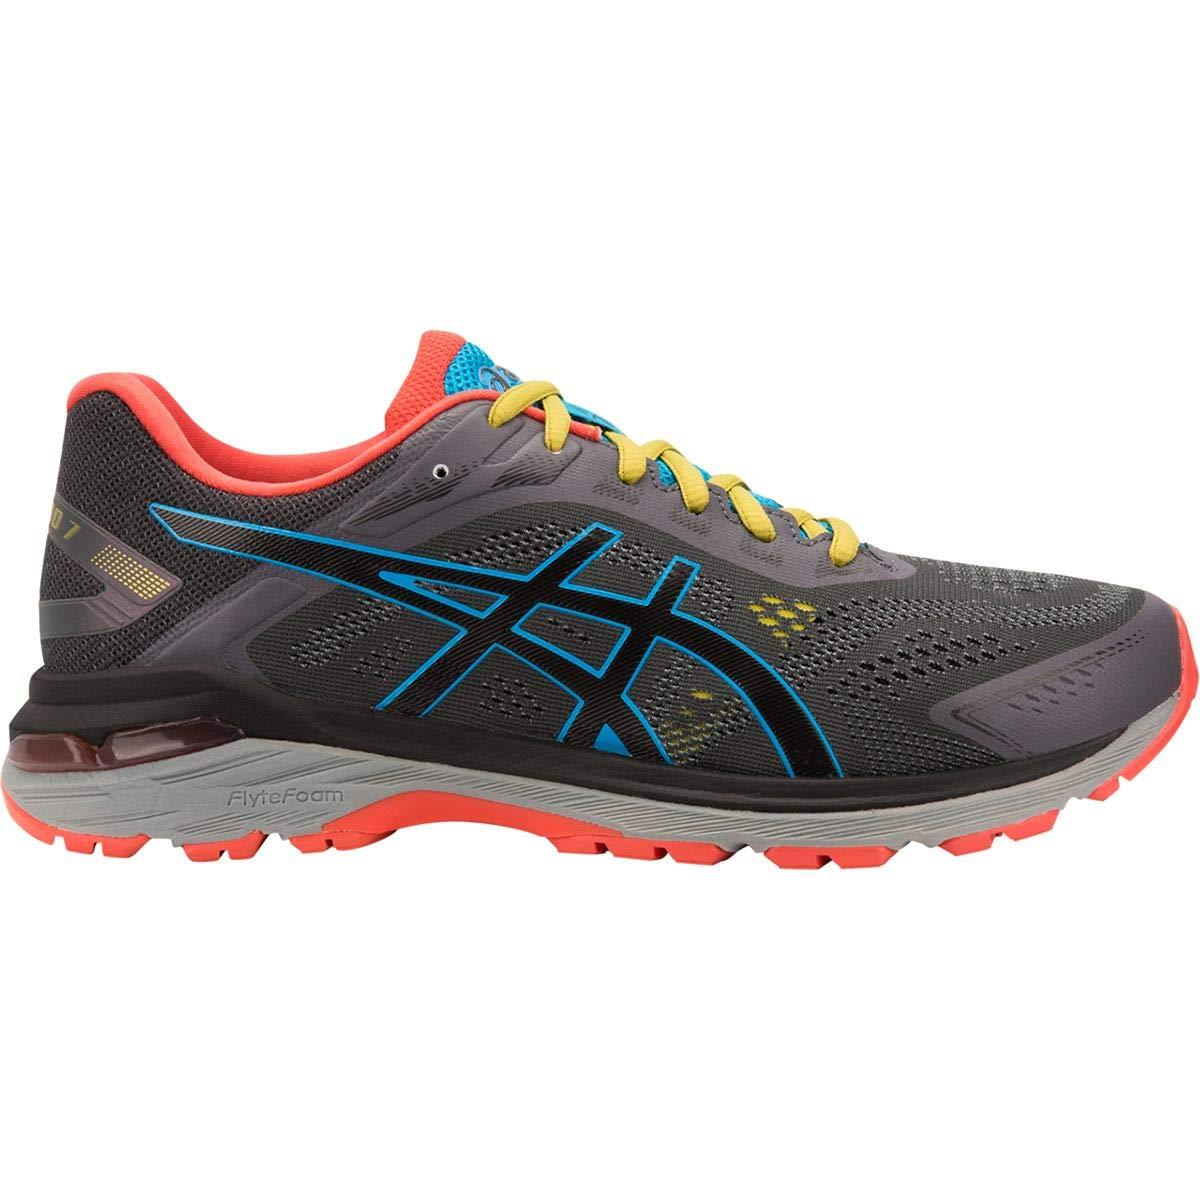 美しい [アシックス] メンズ ランニング 9 メンズ GT-2000 7 Trail Running Shoe Running [並行輸入品] B07P24CPZM 9, サワウチムラ:a7f83a48 --- a0267596.xsph.ru